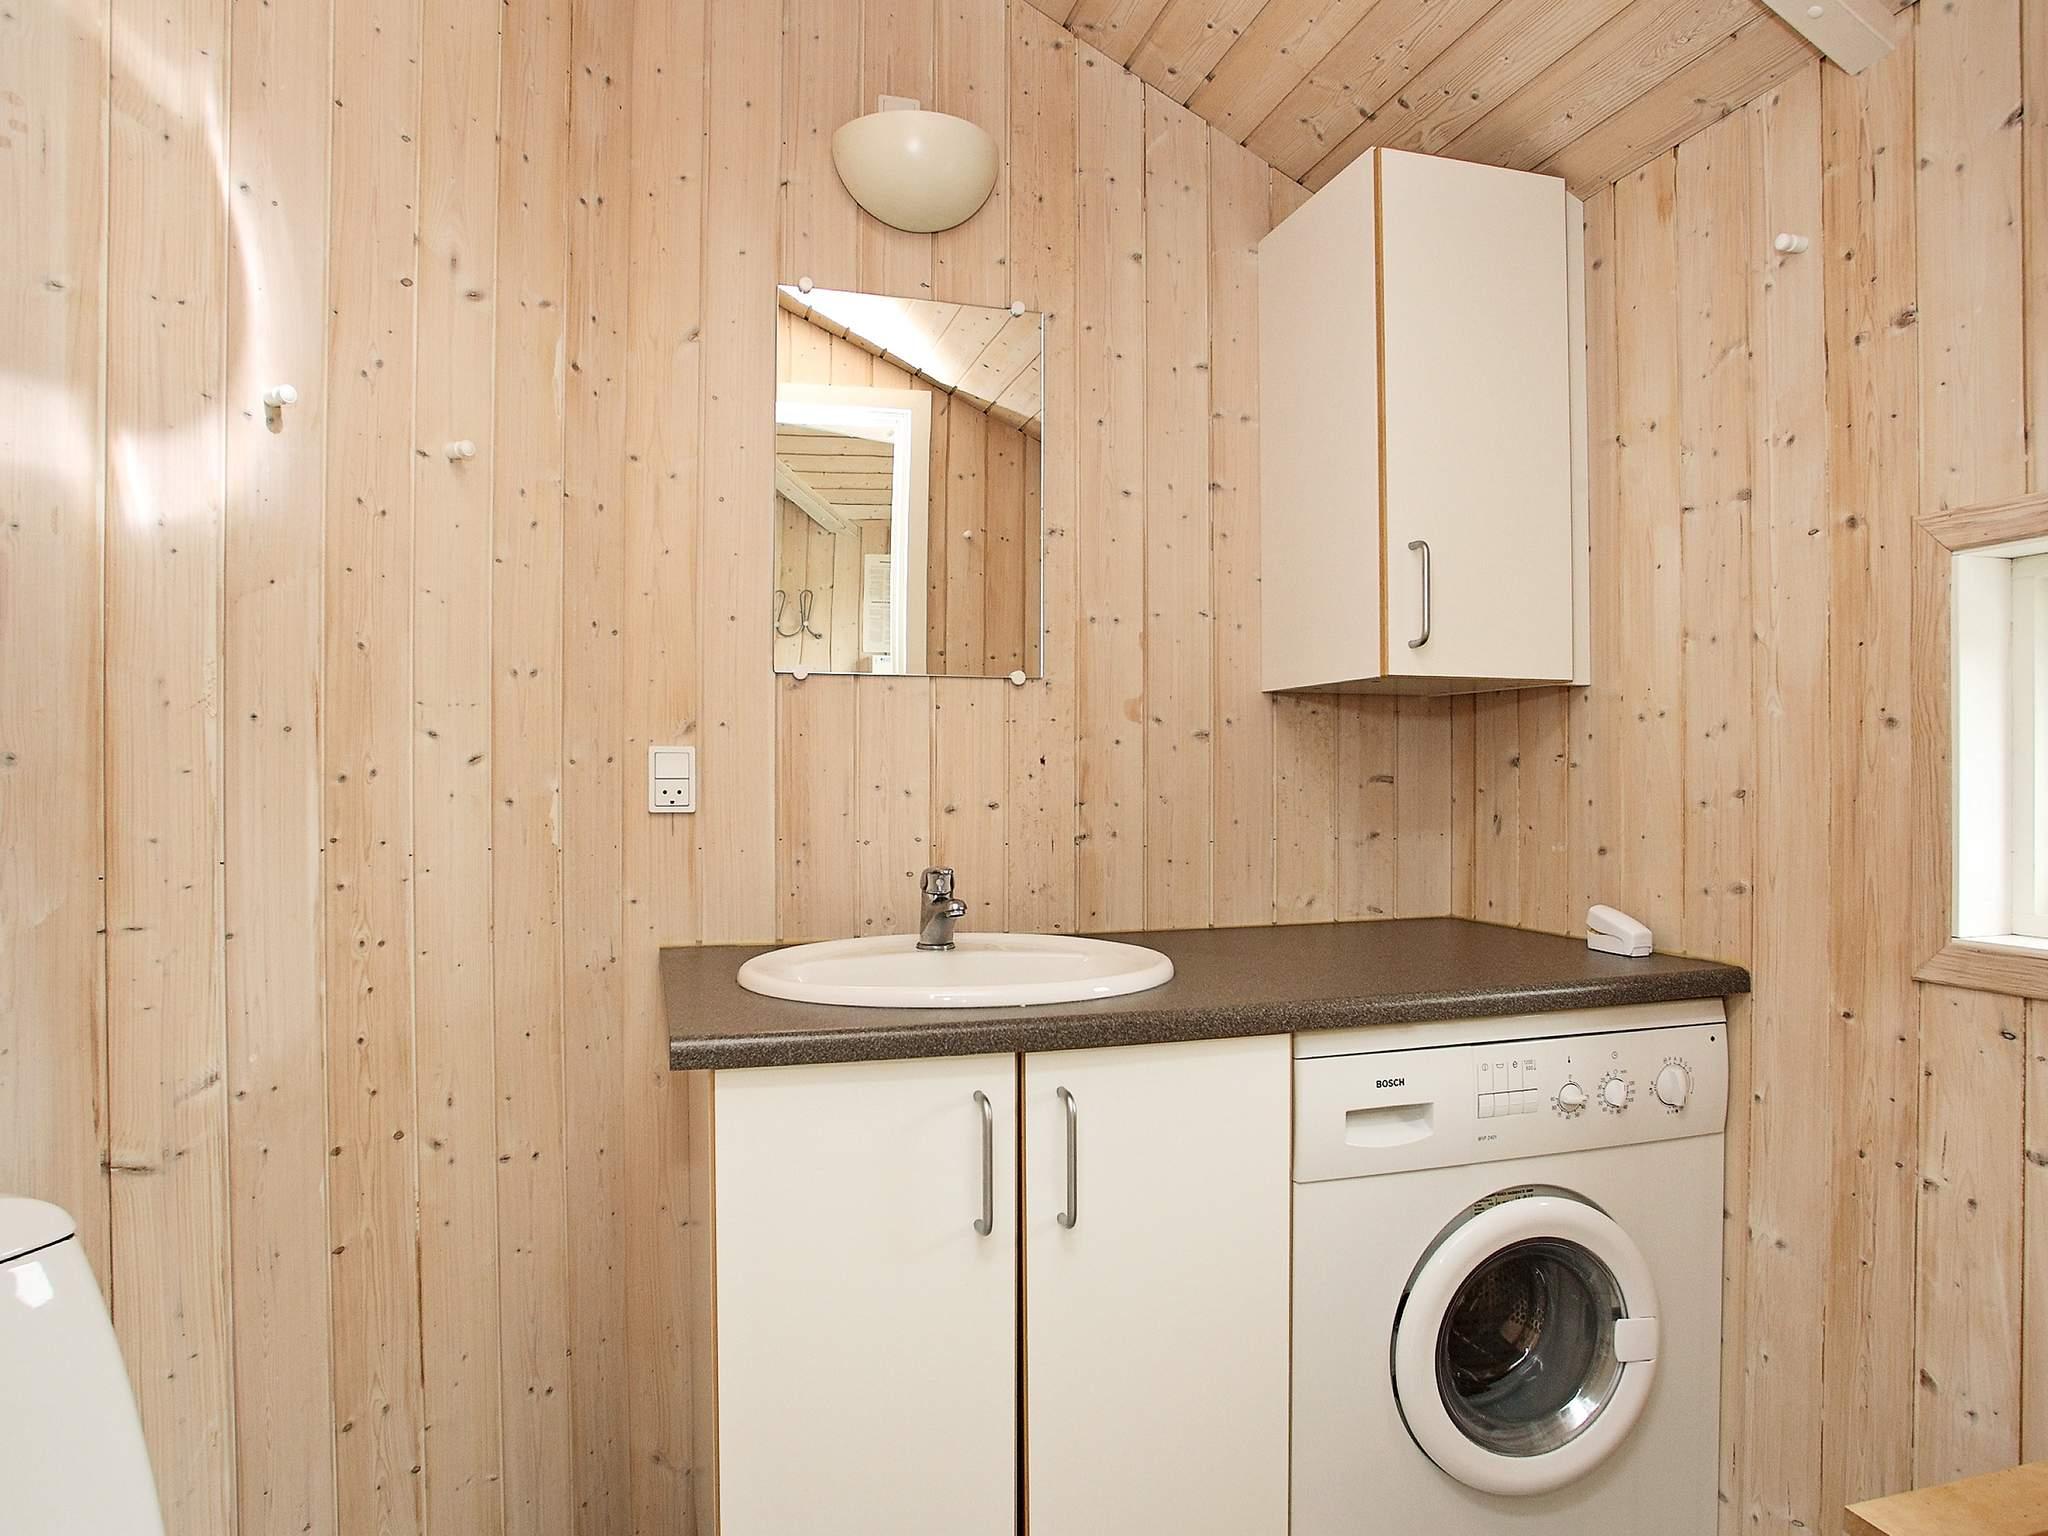 Ferienhaus Løkken (84530), Løkken, , Nordwestjütland, Dänemark, Bild 12